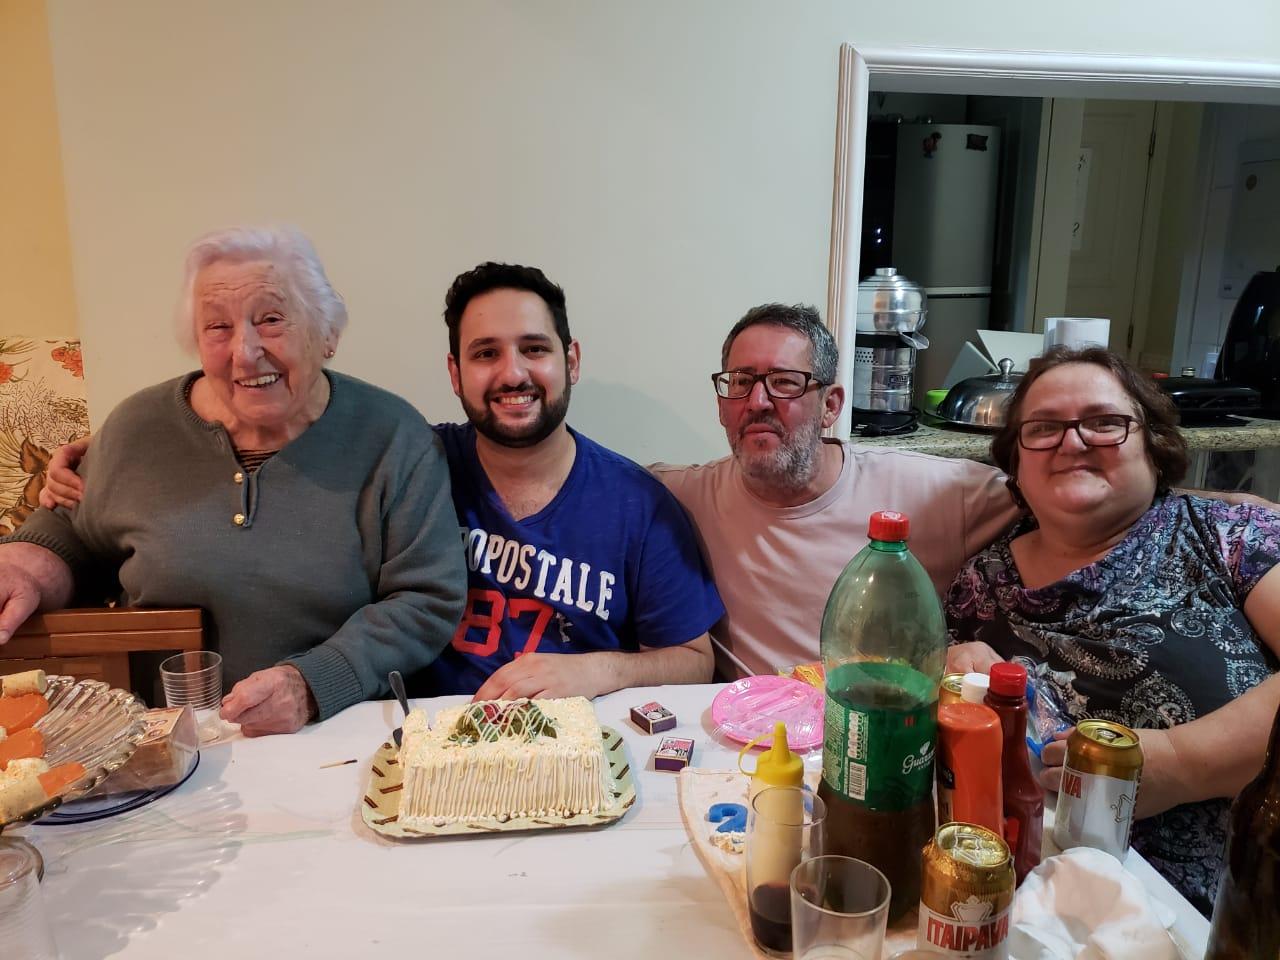 A família reunida em dia de festa. Douglas com a avó Iracema, o pai Claudinei e a mãe Rita de Cássia. As duas morreram por complicações decorrentes da infecção pelo coronavírus (Foto: Arquivo pessoal/UOL VivaBem)